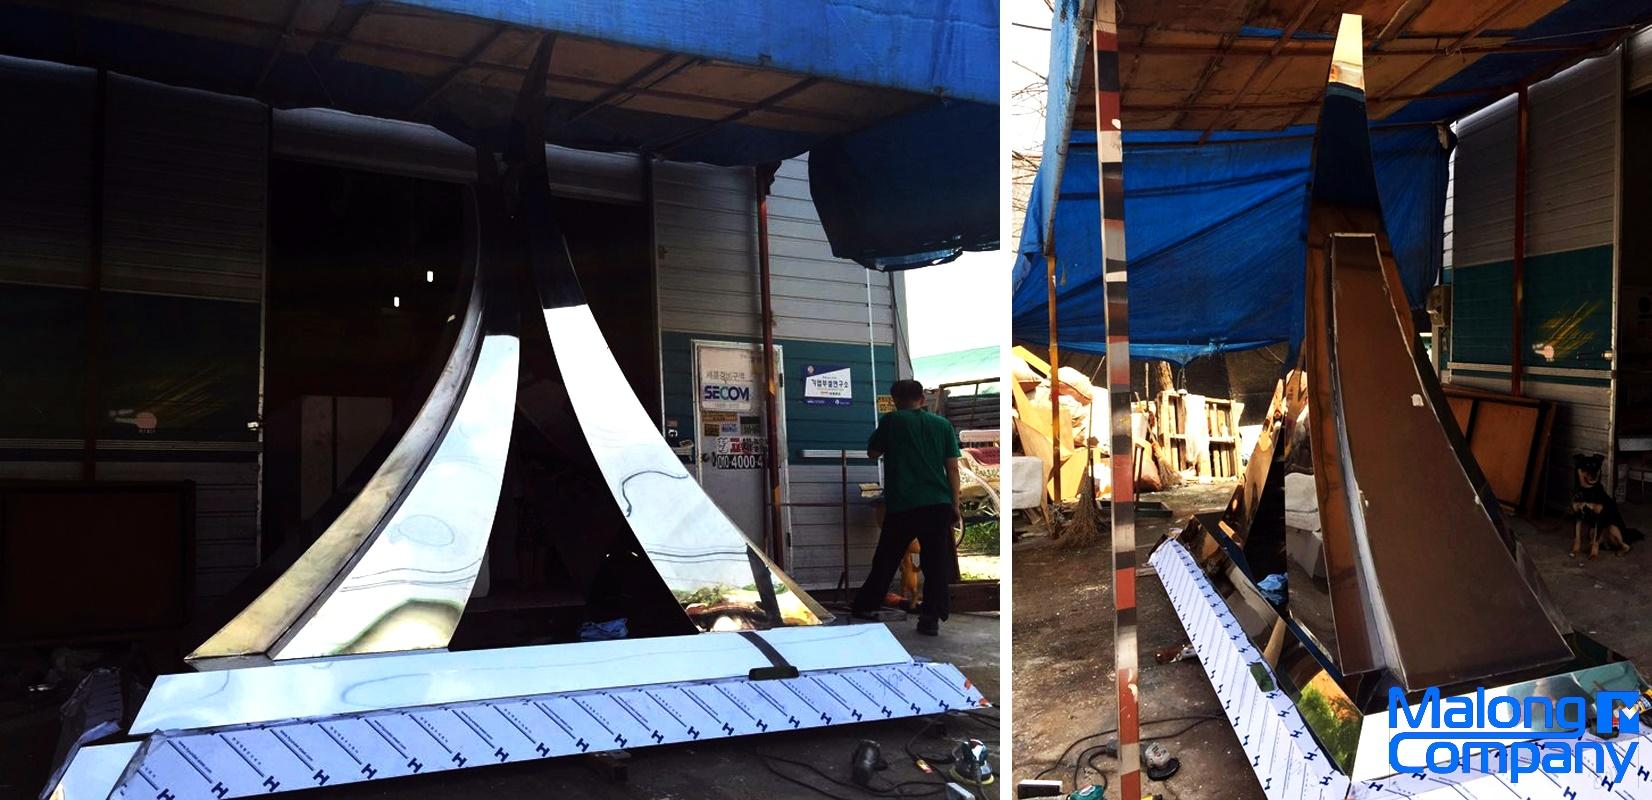 금속 조형물 제작 스테인리스 조형물 설계 입체 간판 조형물 디자인 상징 조형물 설치 대구 조형물 보수 브론즈 조형물 대학교 조형물 간판